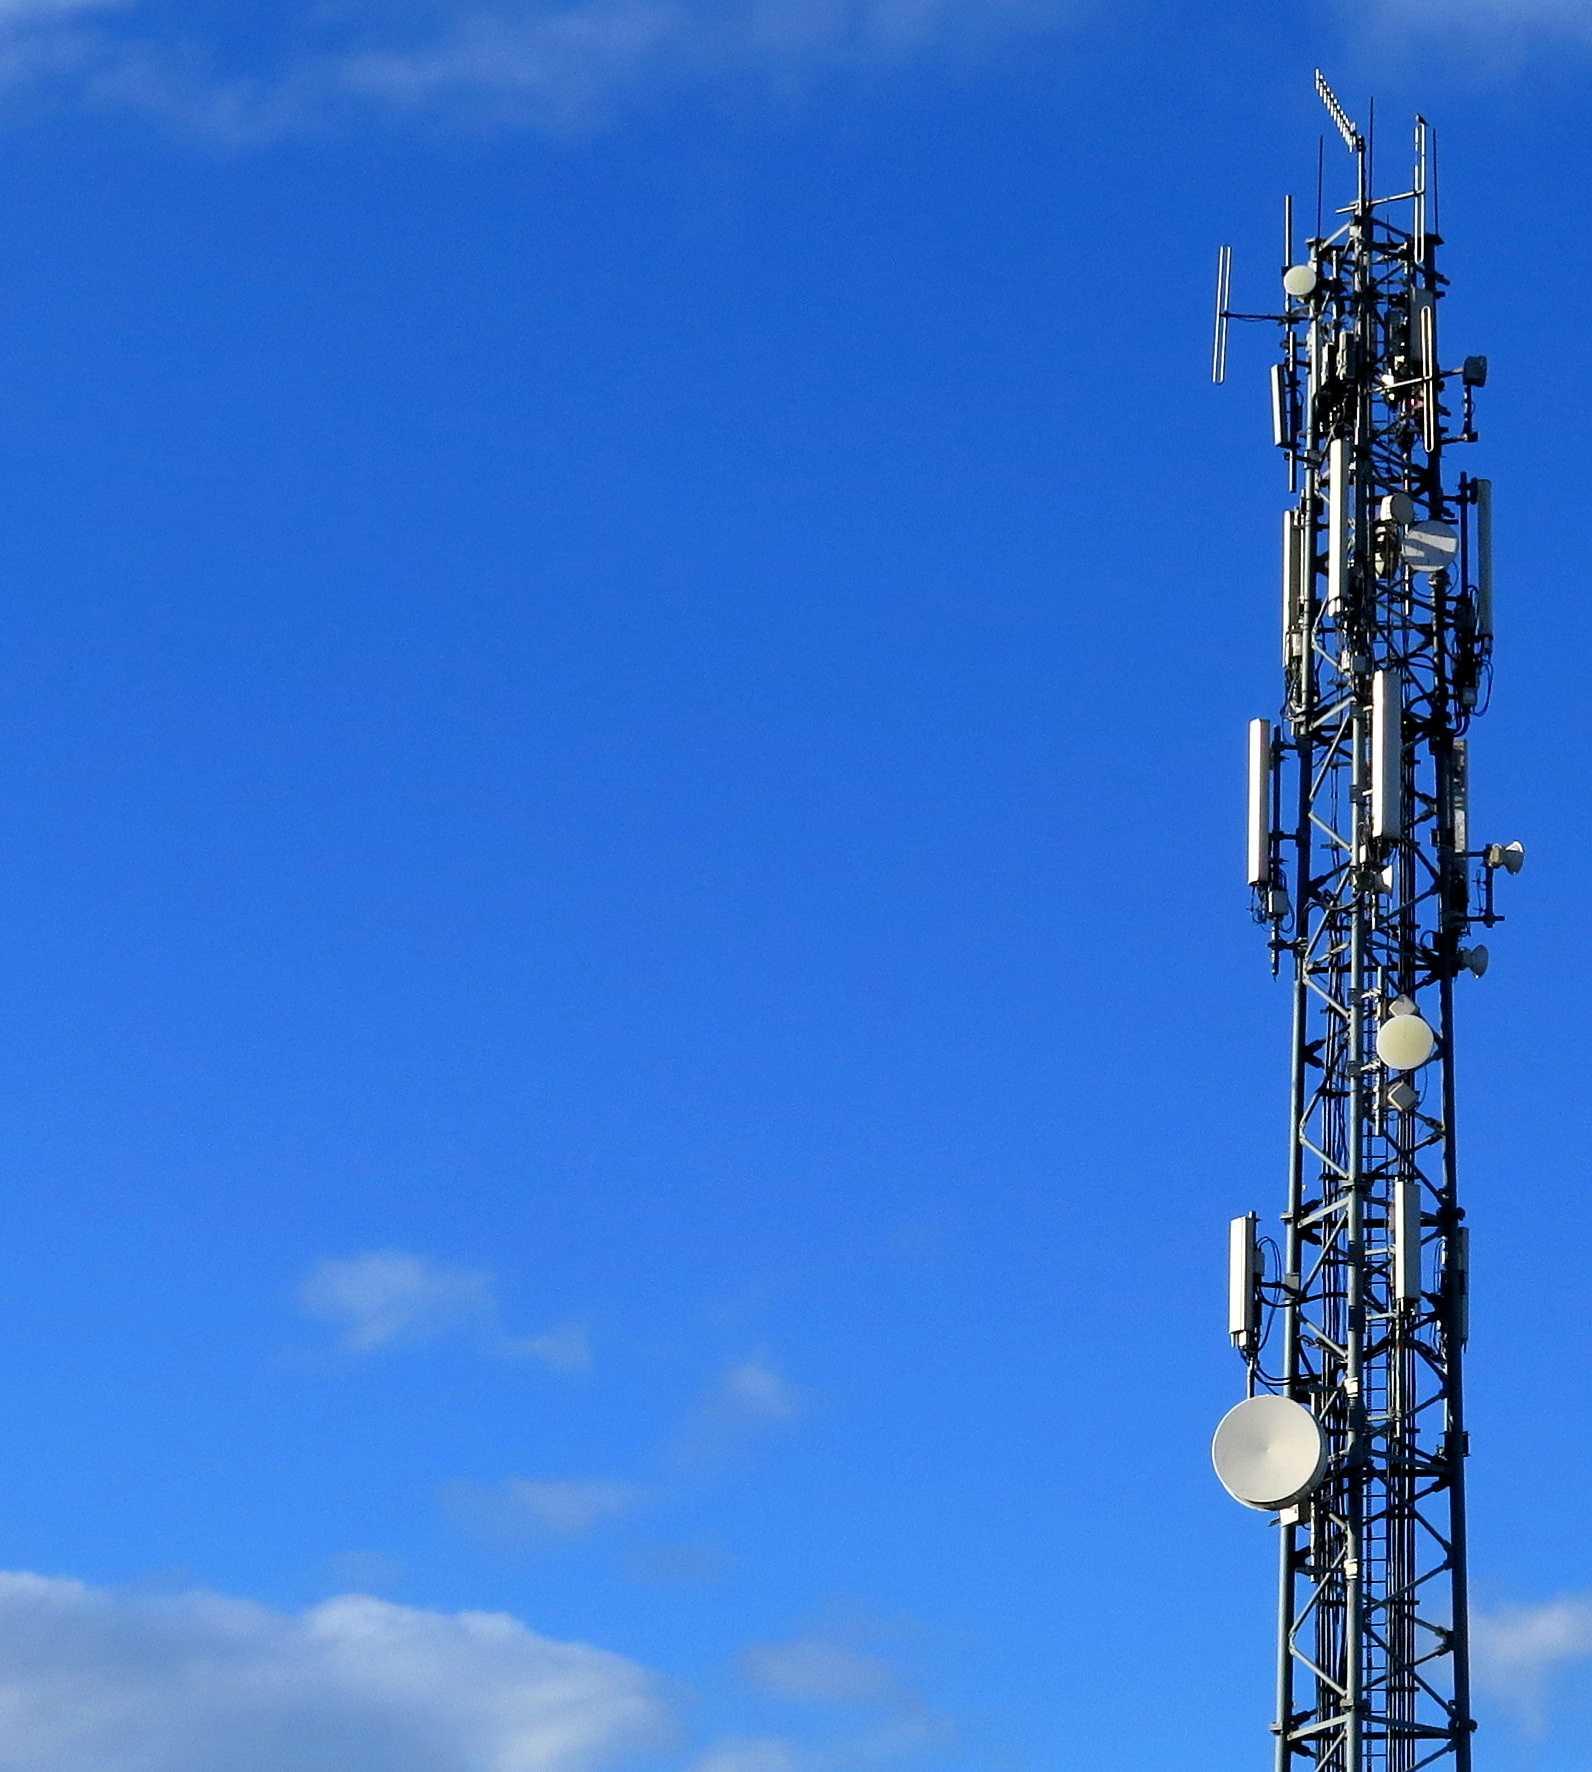 Mast mit vielen Antennen vor blauem Himmel